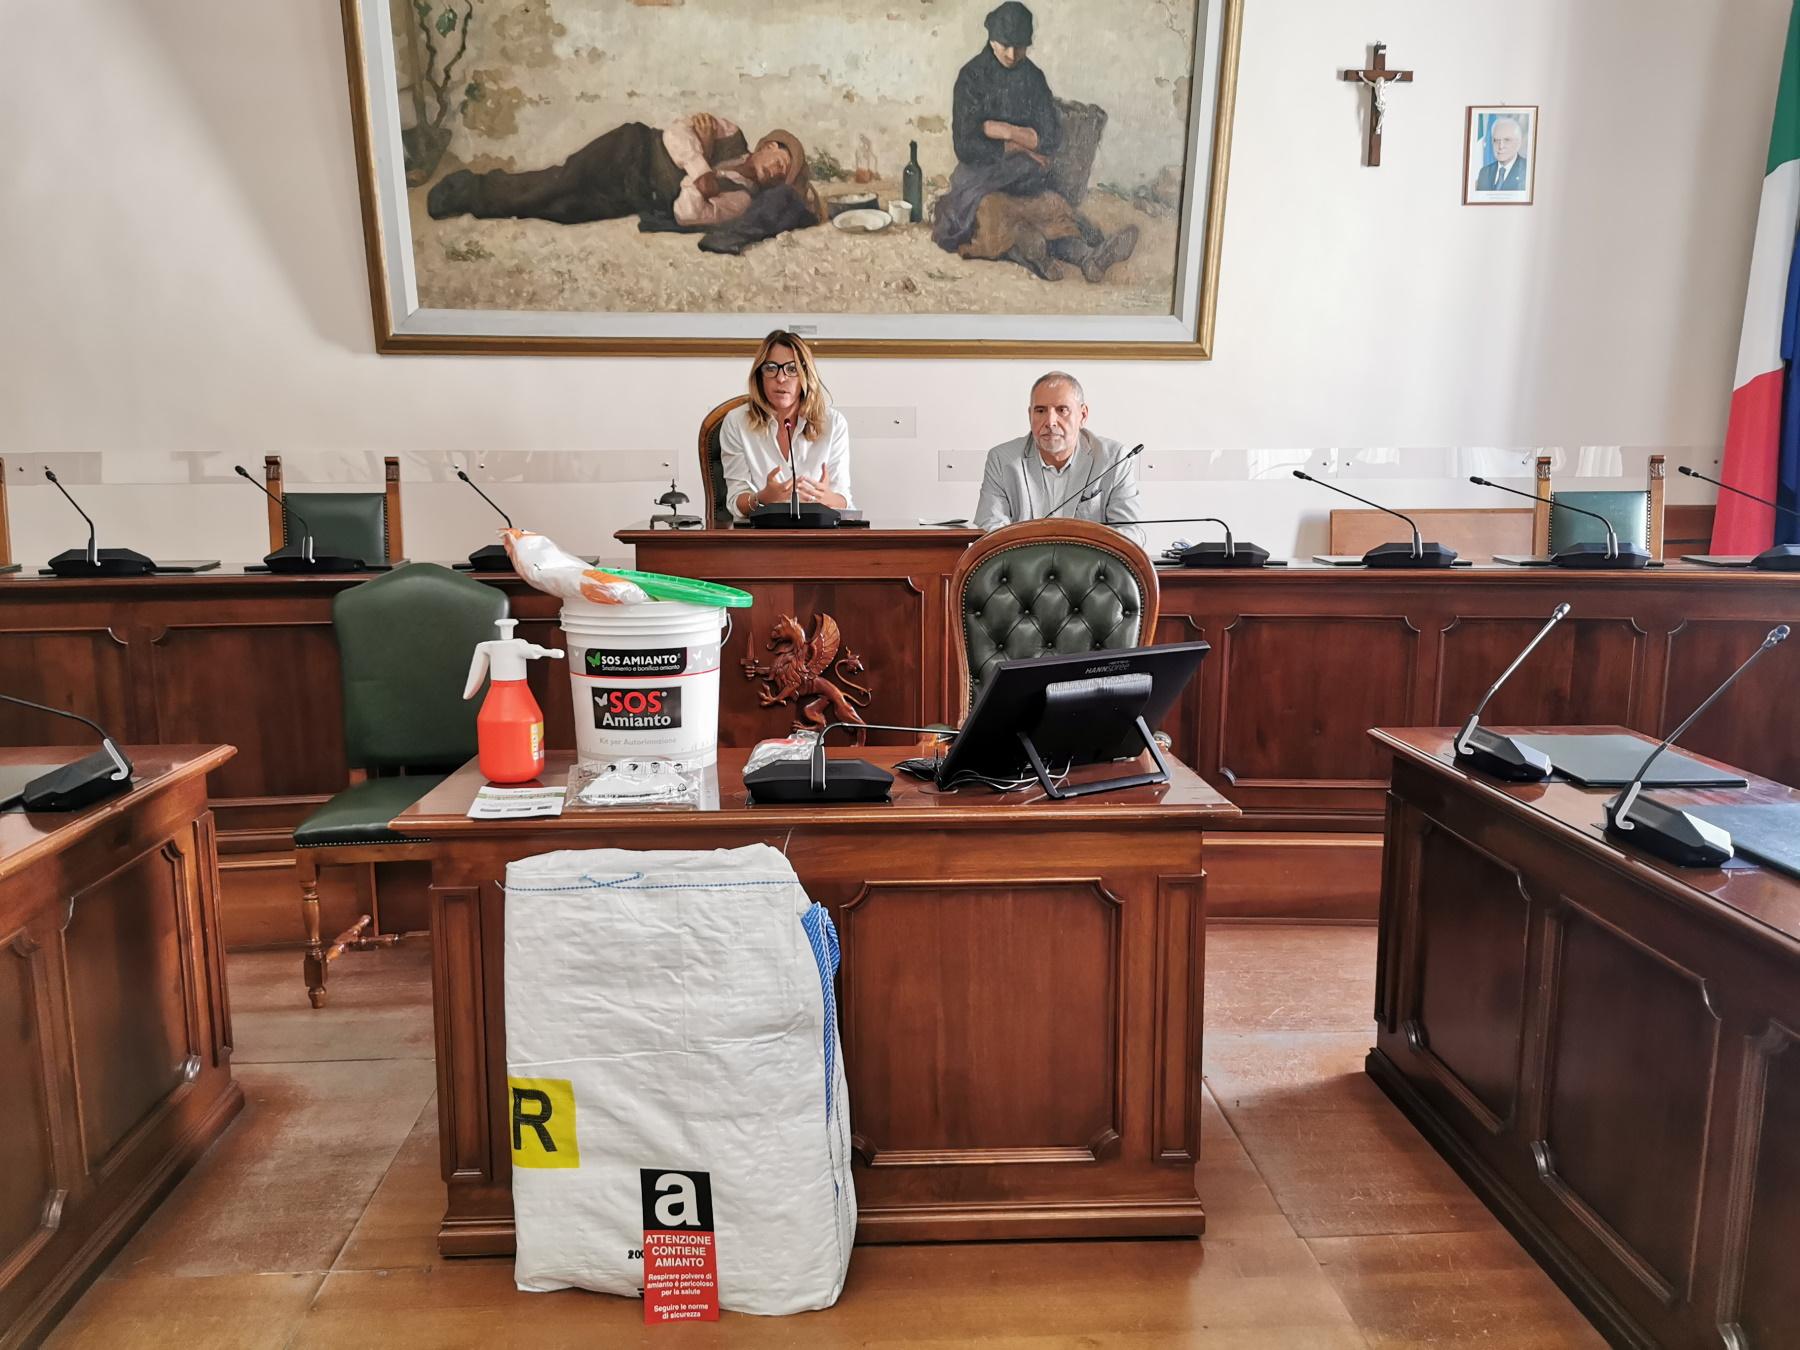 sei toscana Conferenza_stampa_kitamianto_Grosseto